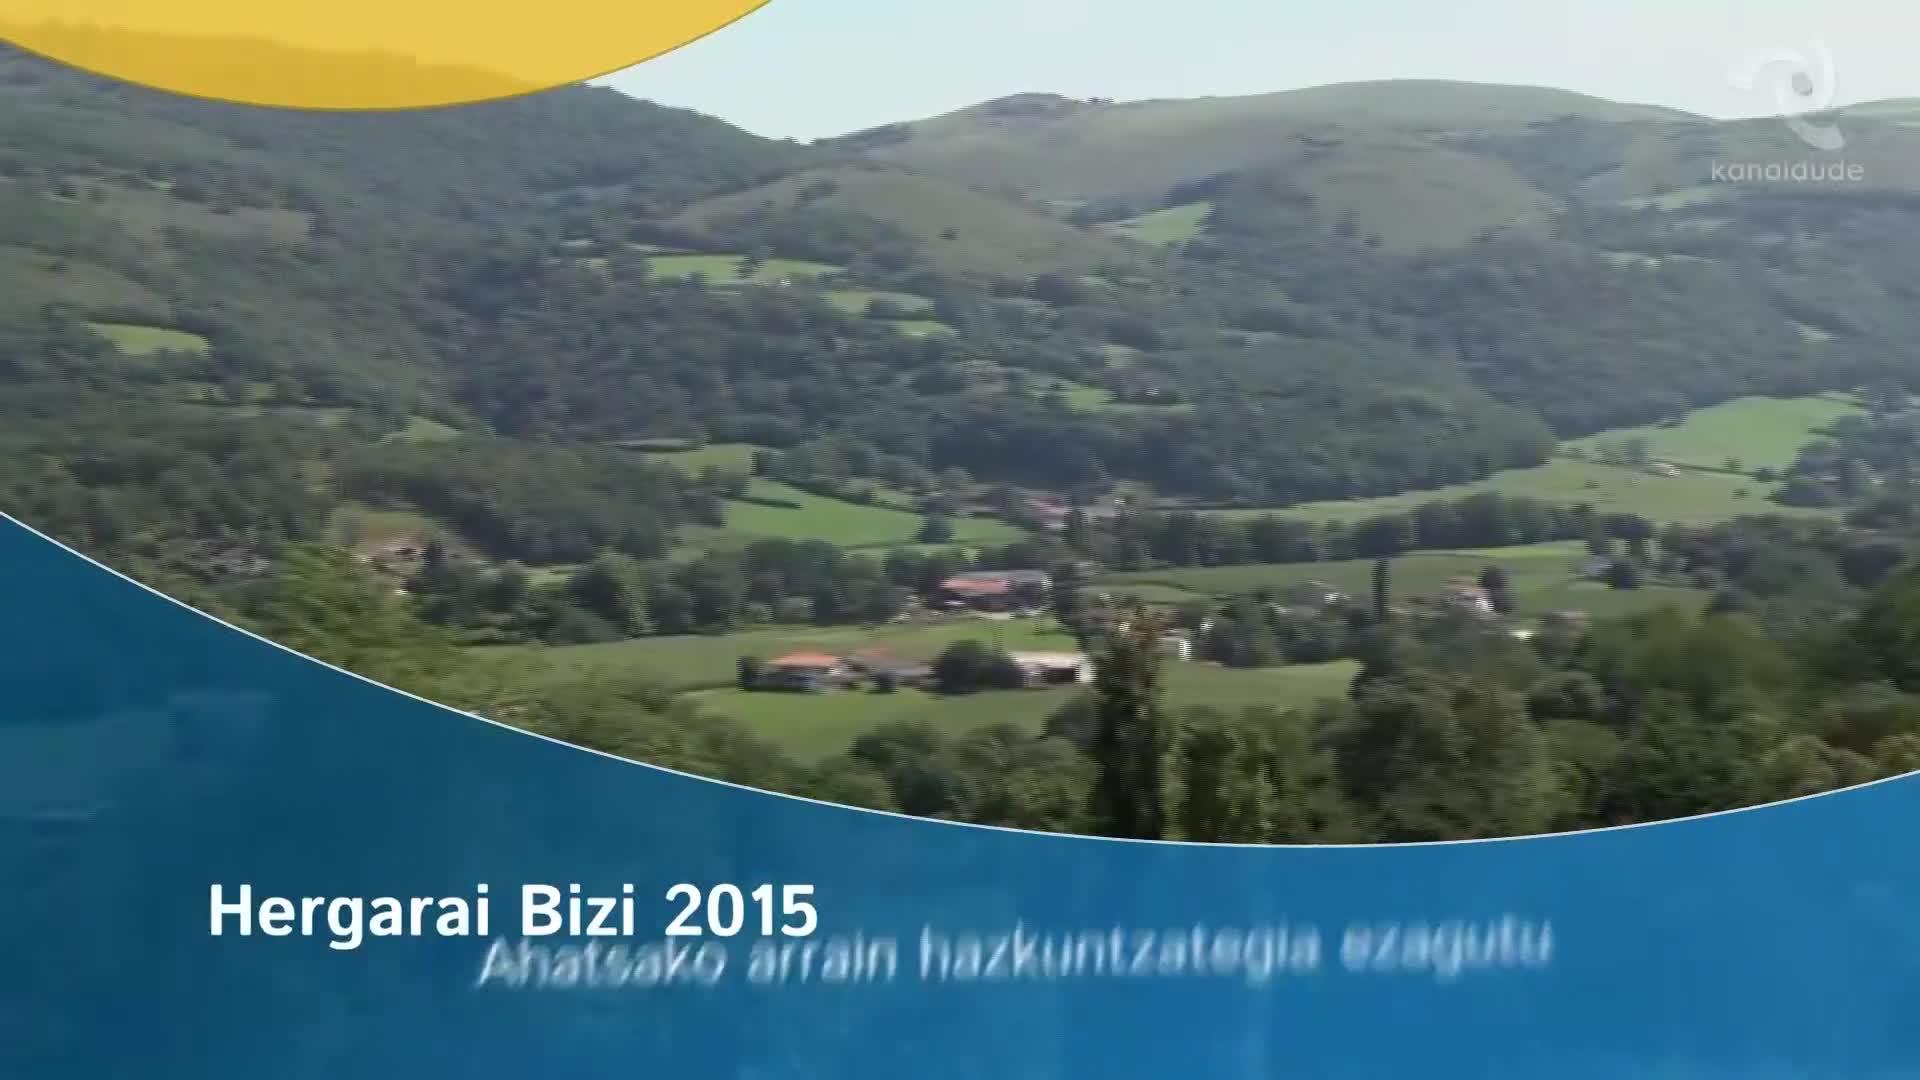 Hergarai Bizi 2015: Ahatsako arrain hazkuntzategia ezagutu